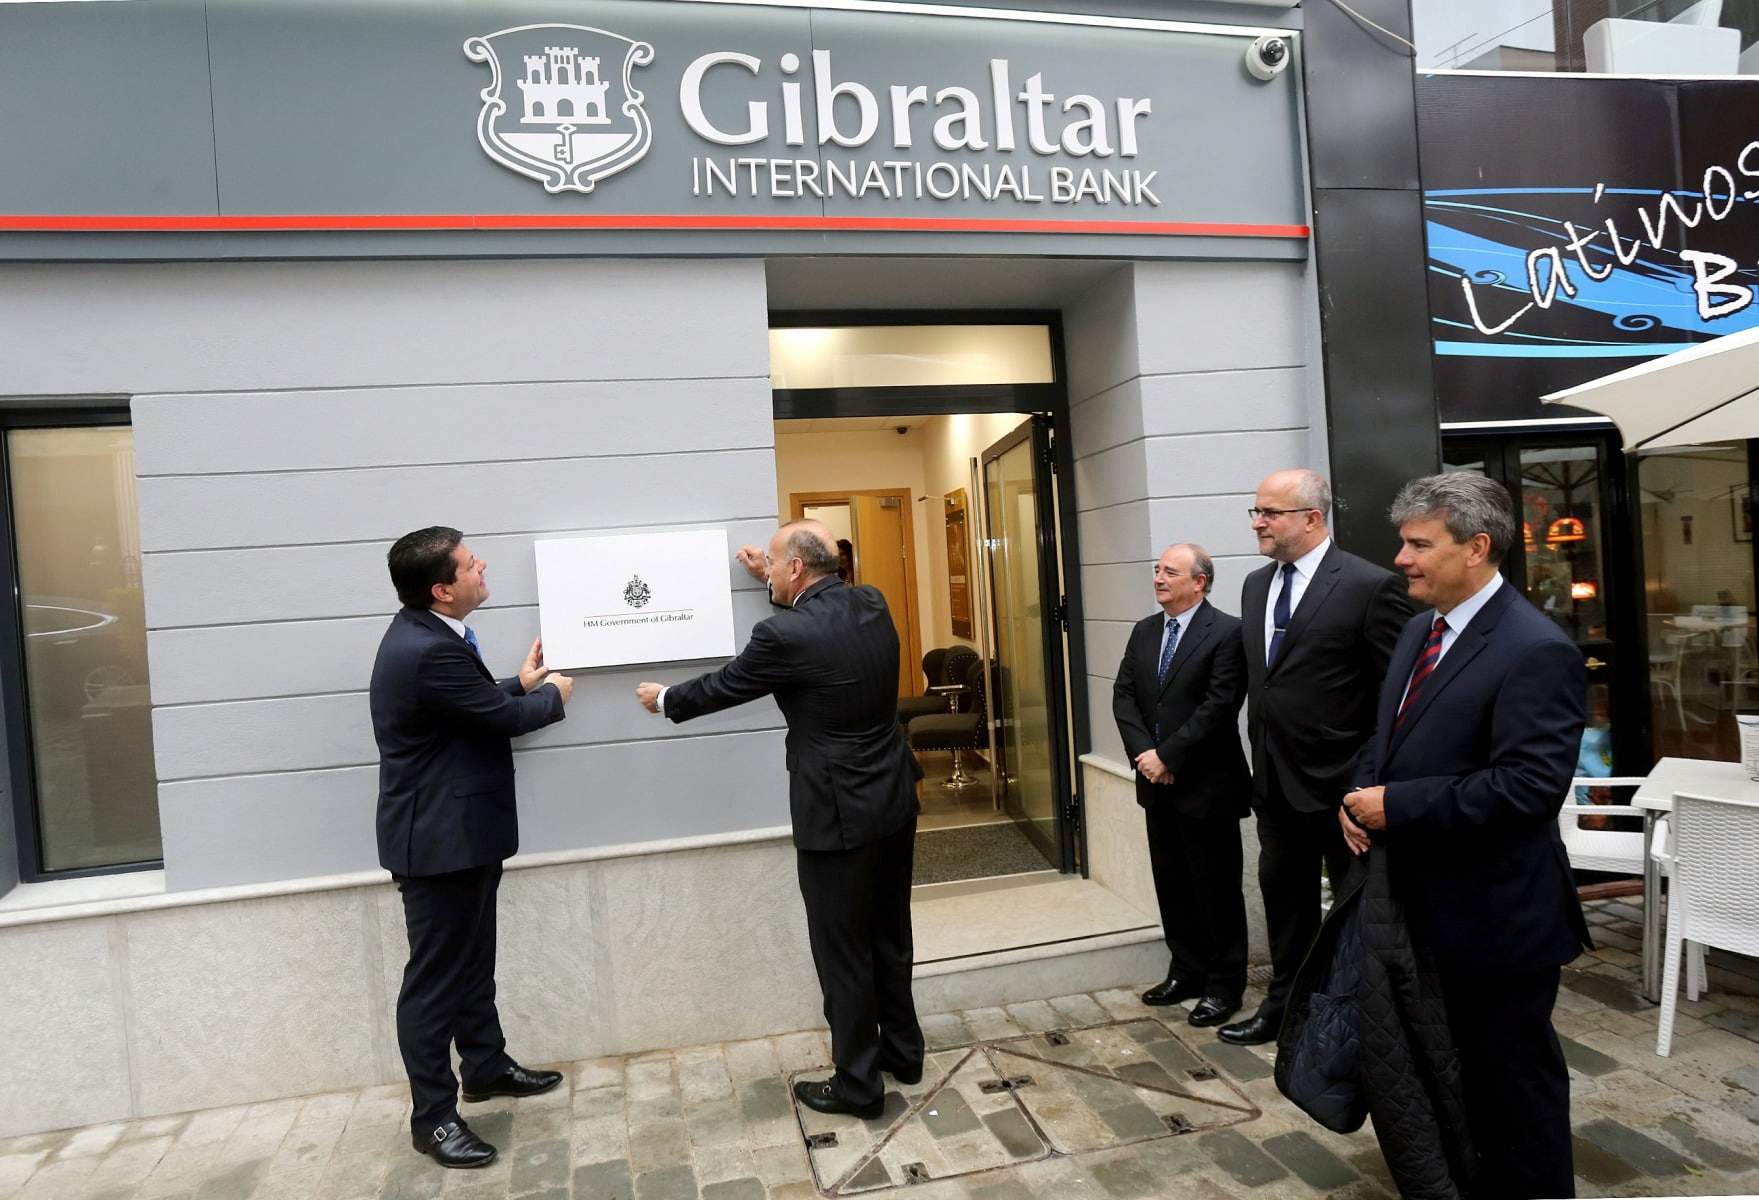 4-abr-2016-inauguracin-nueva-sede-banco-internacional-de-gibraltar-6_26142220472_o